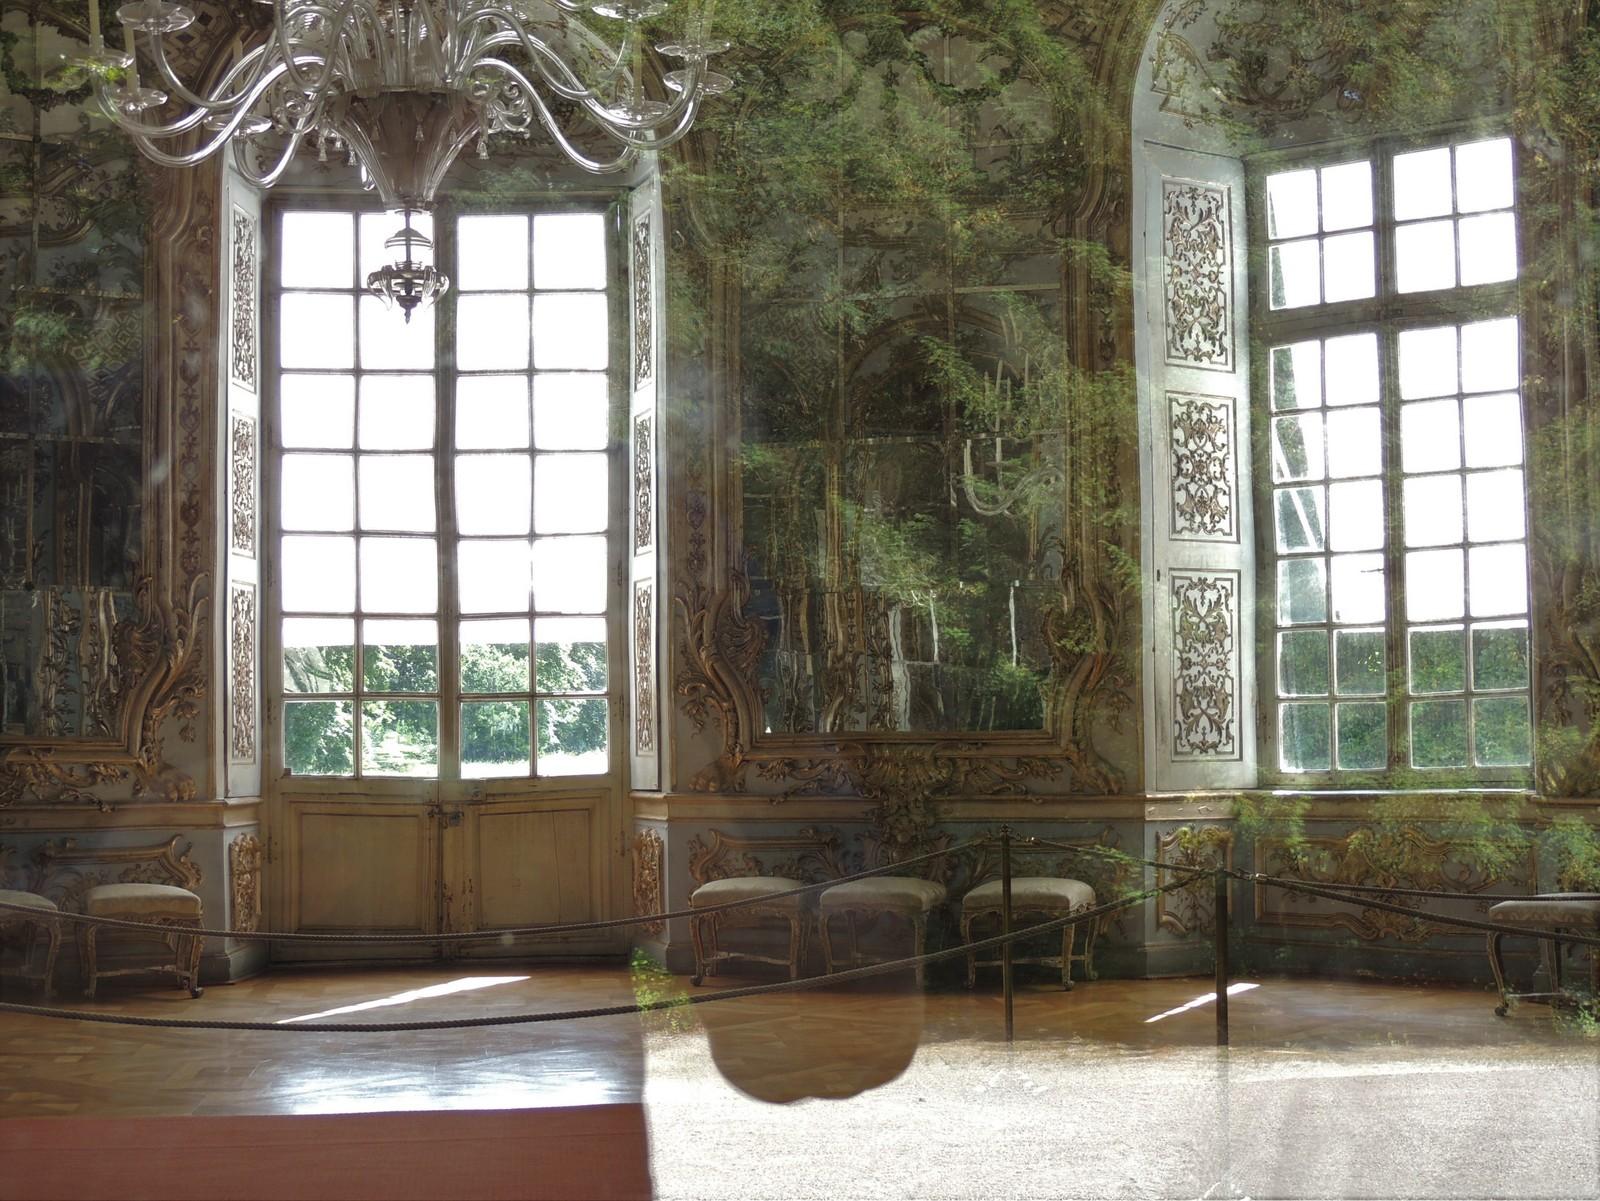 Spiegelsaal in der Amalienburg im Schlosspark Nymphenburg